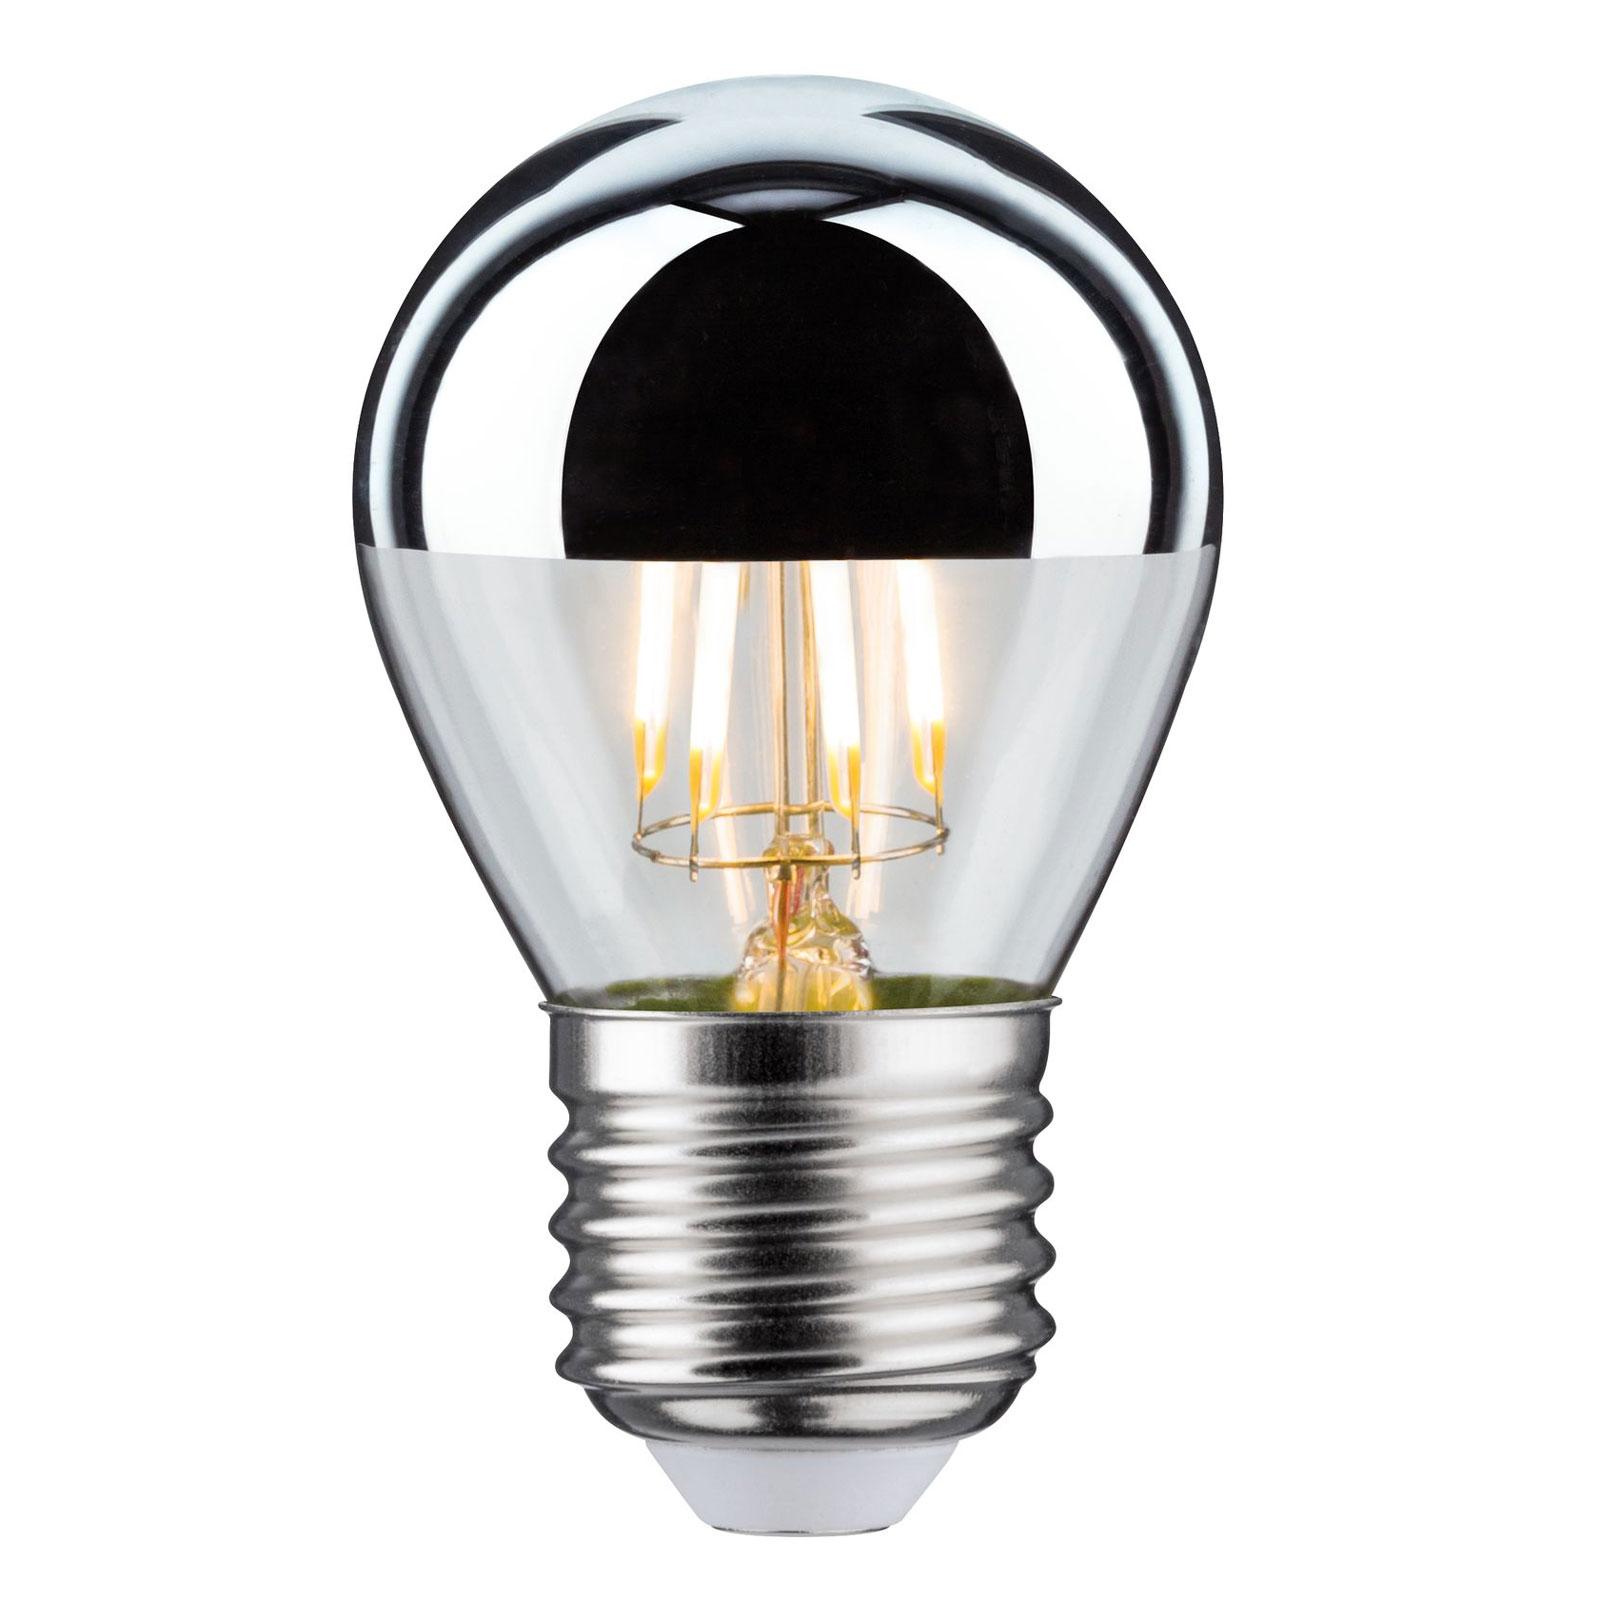 LED-Lampe E27 Tropfen 827 Kopfspiegel 4,8W dimmbar